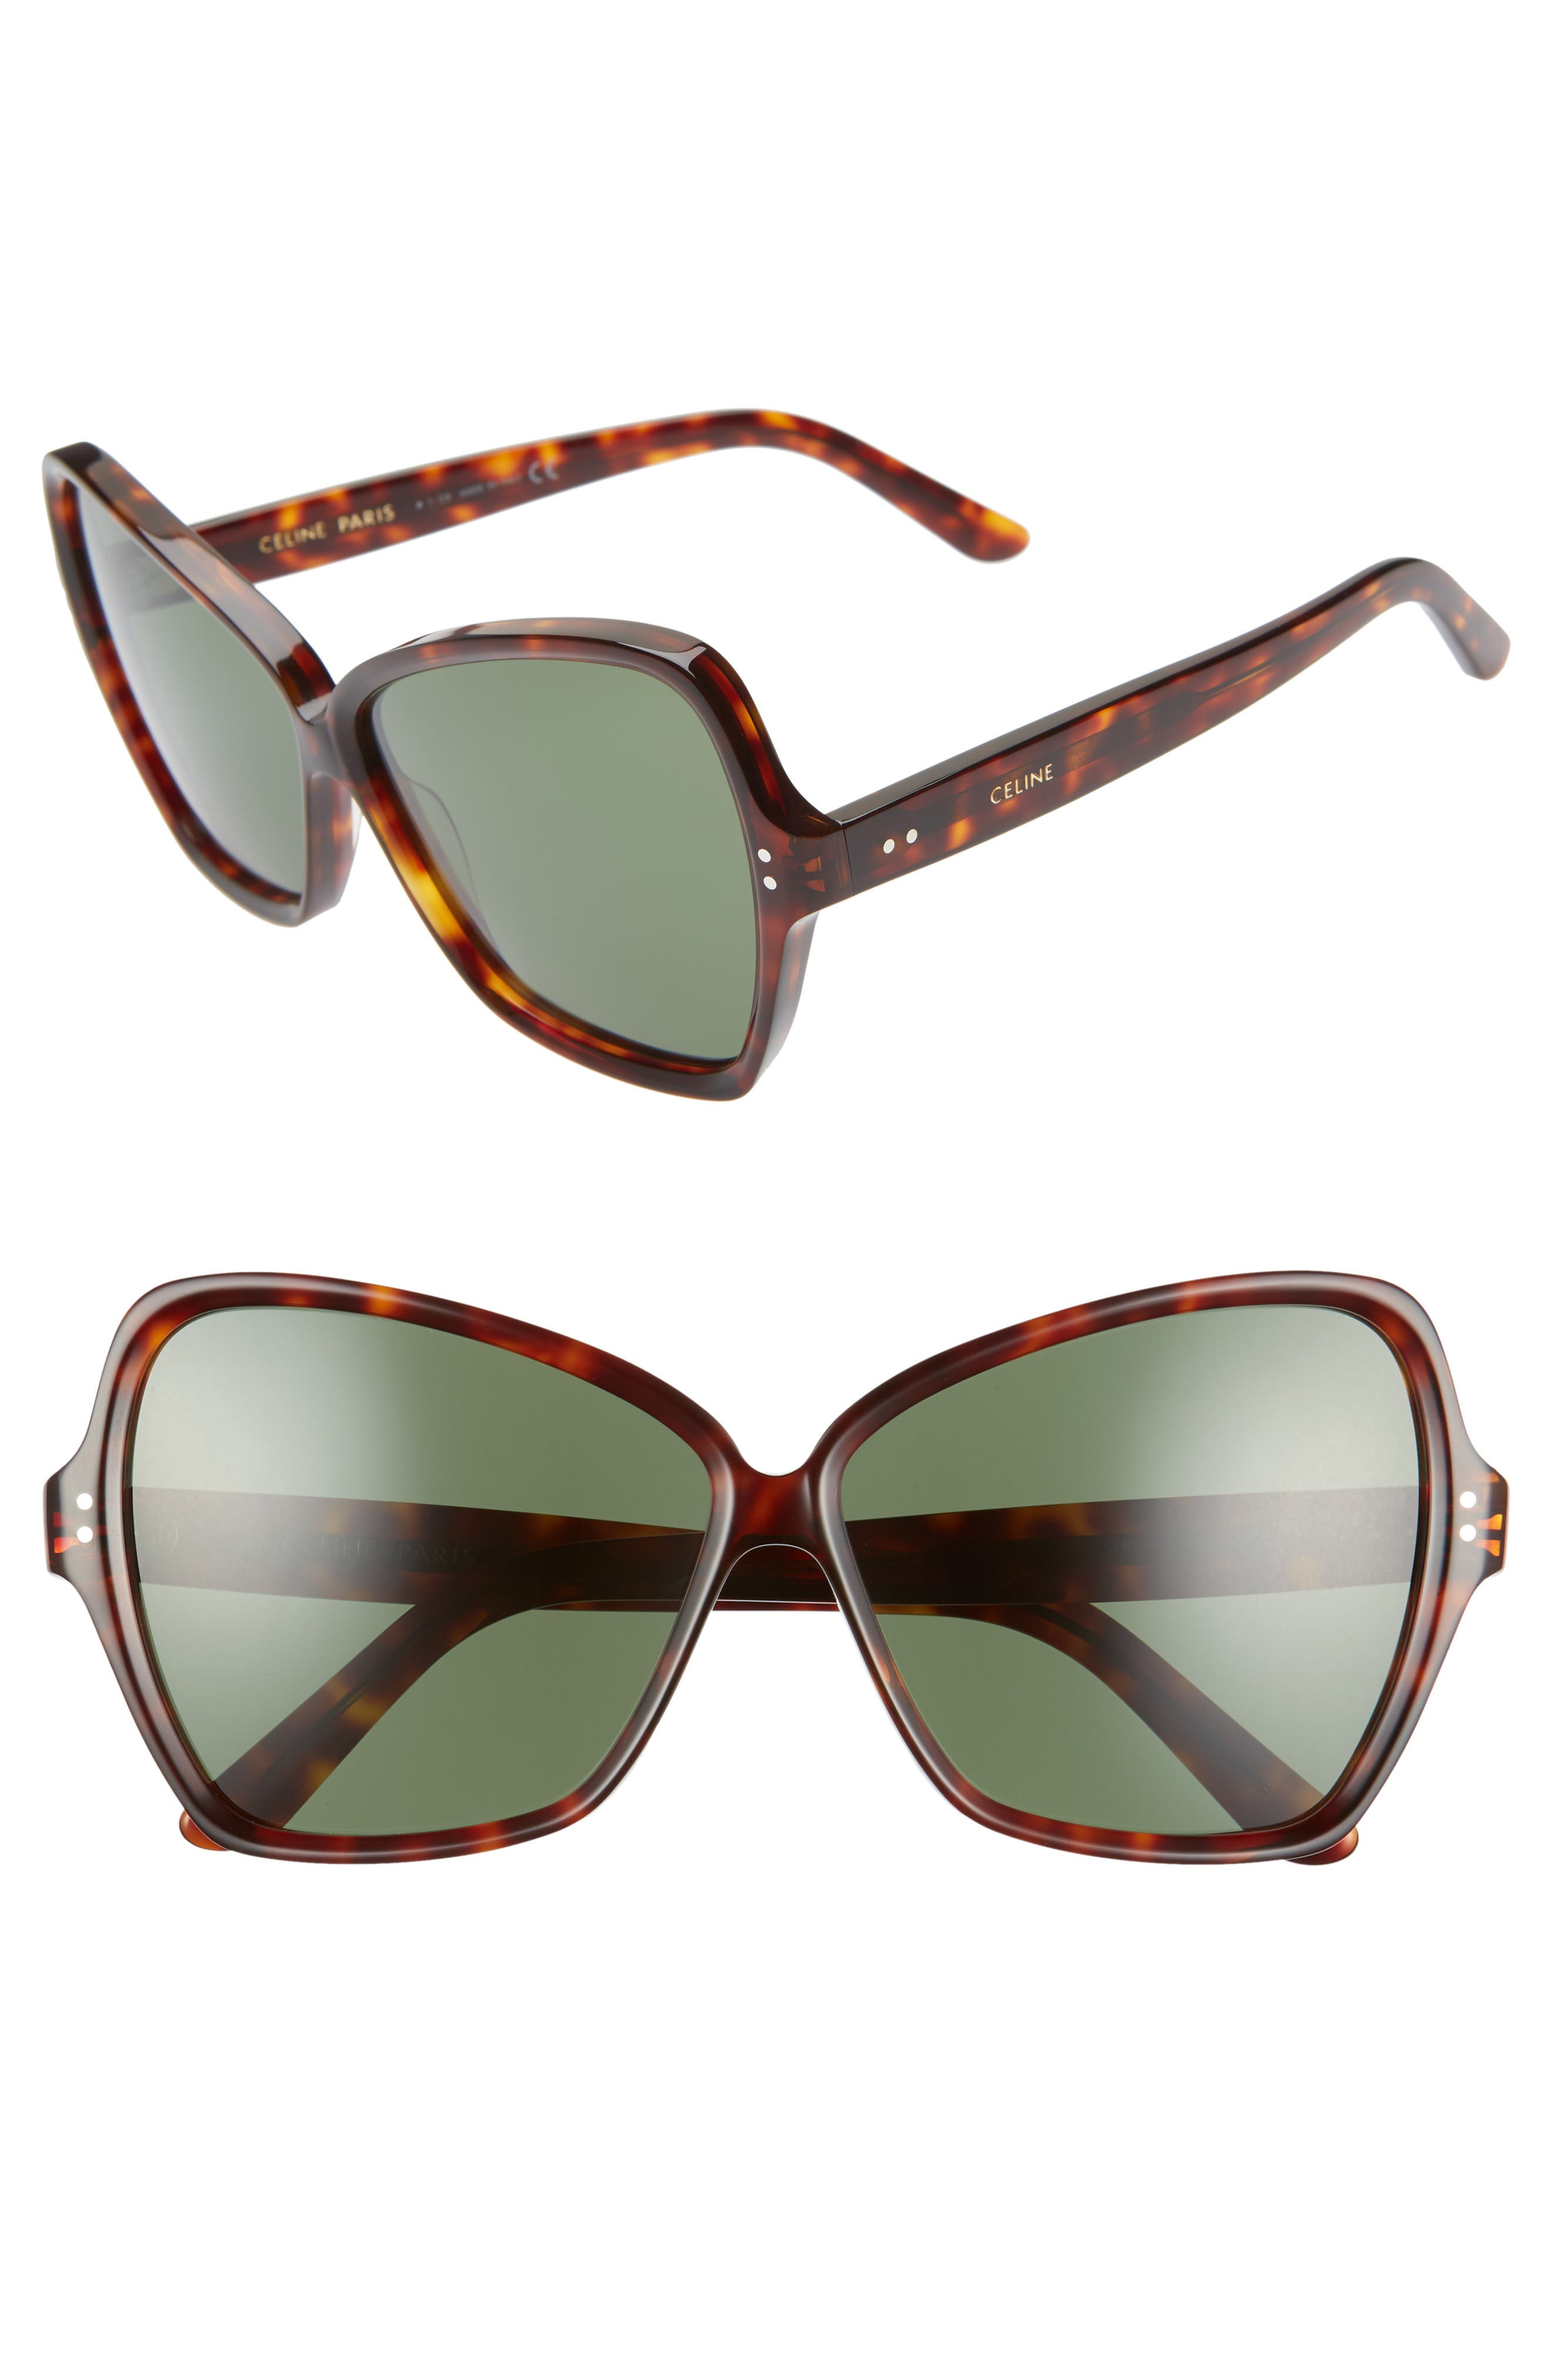 a232842819 Celine 64Mm Oversize Butterfly Sunglasses - Dark Havana  Green ...